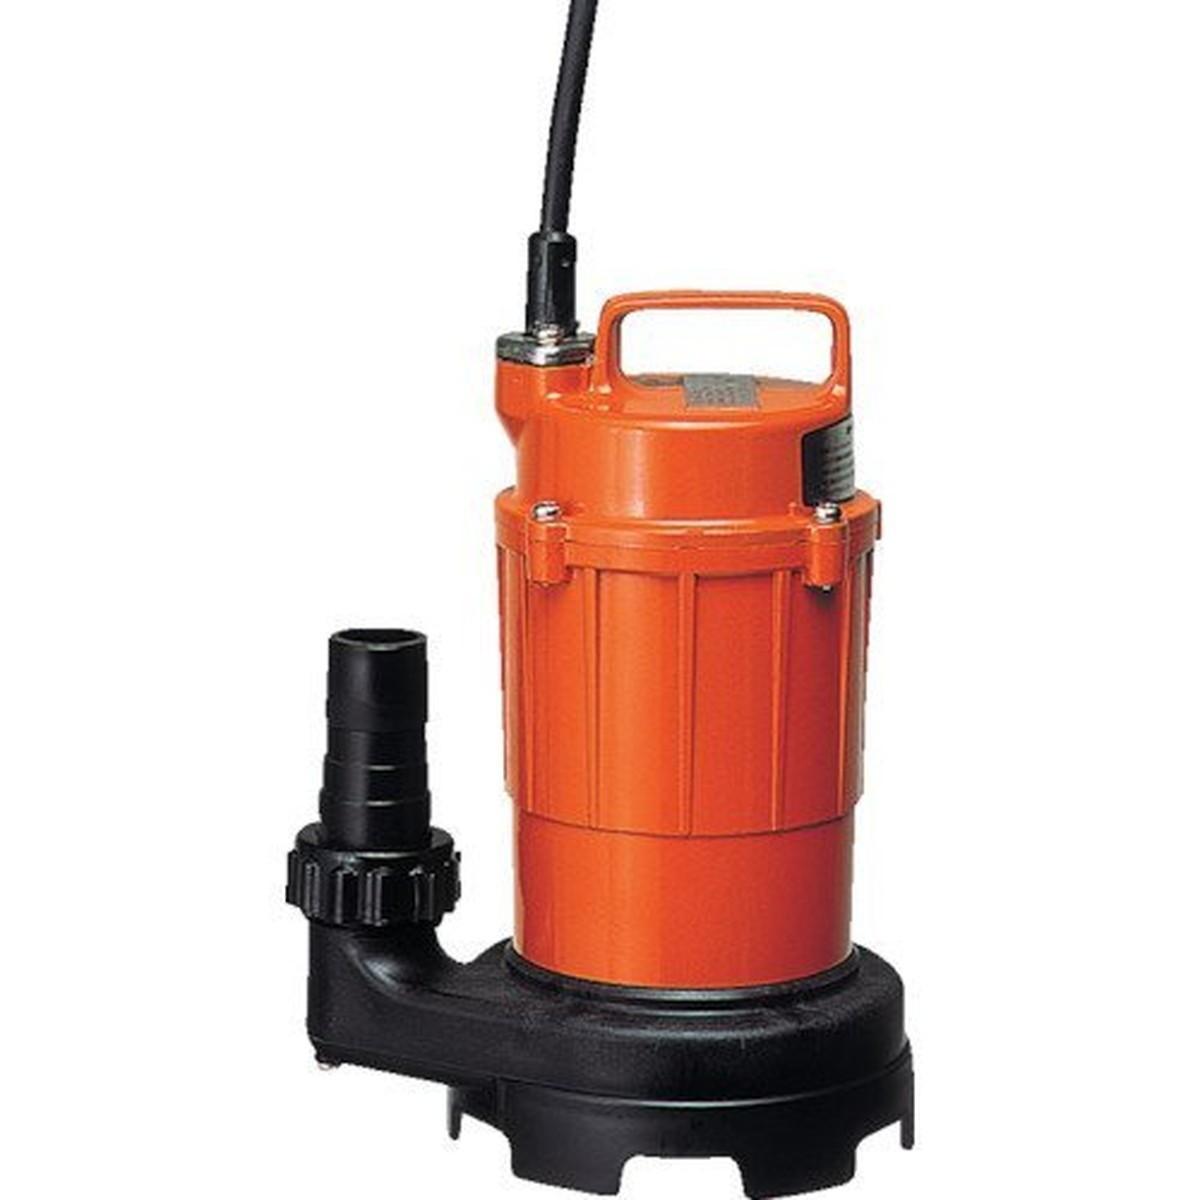 寺田 小型汚水用水中ポンプ 非自動 50Hz SG150C5【クーポン配布中】